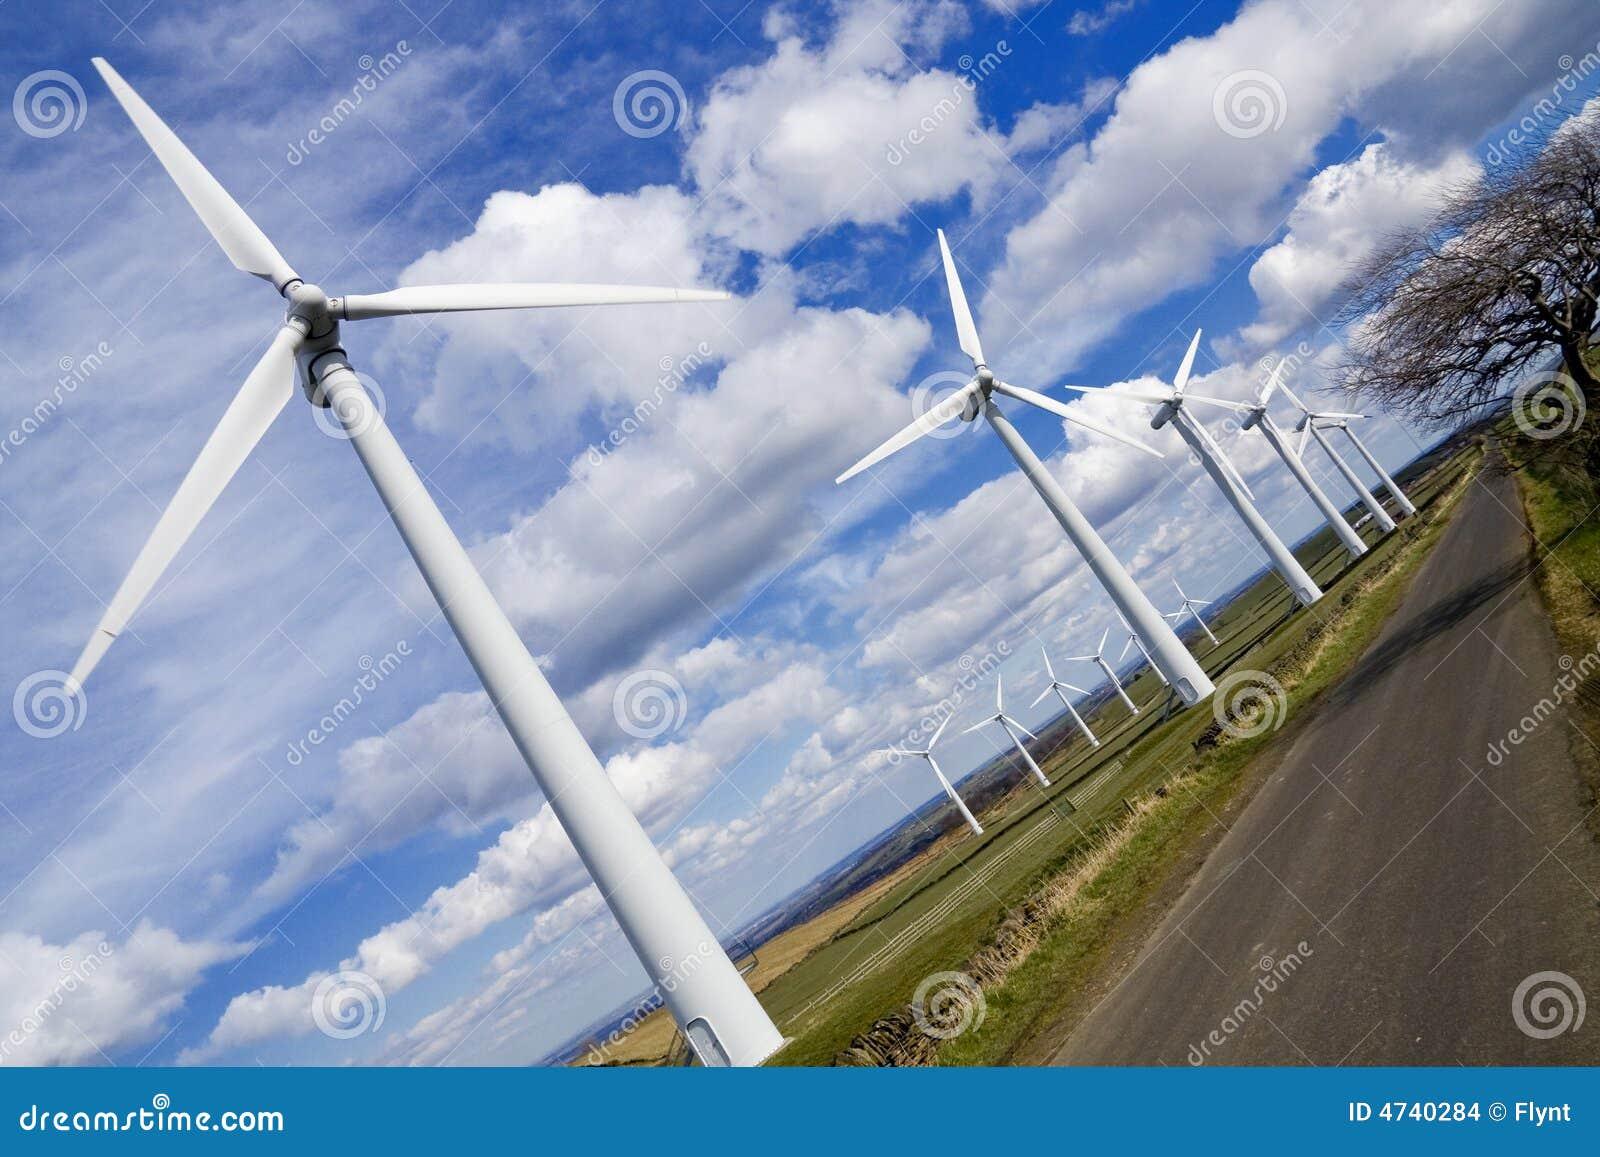 Windmills in windfarm